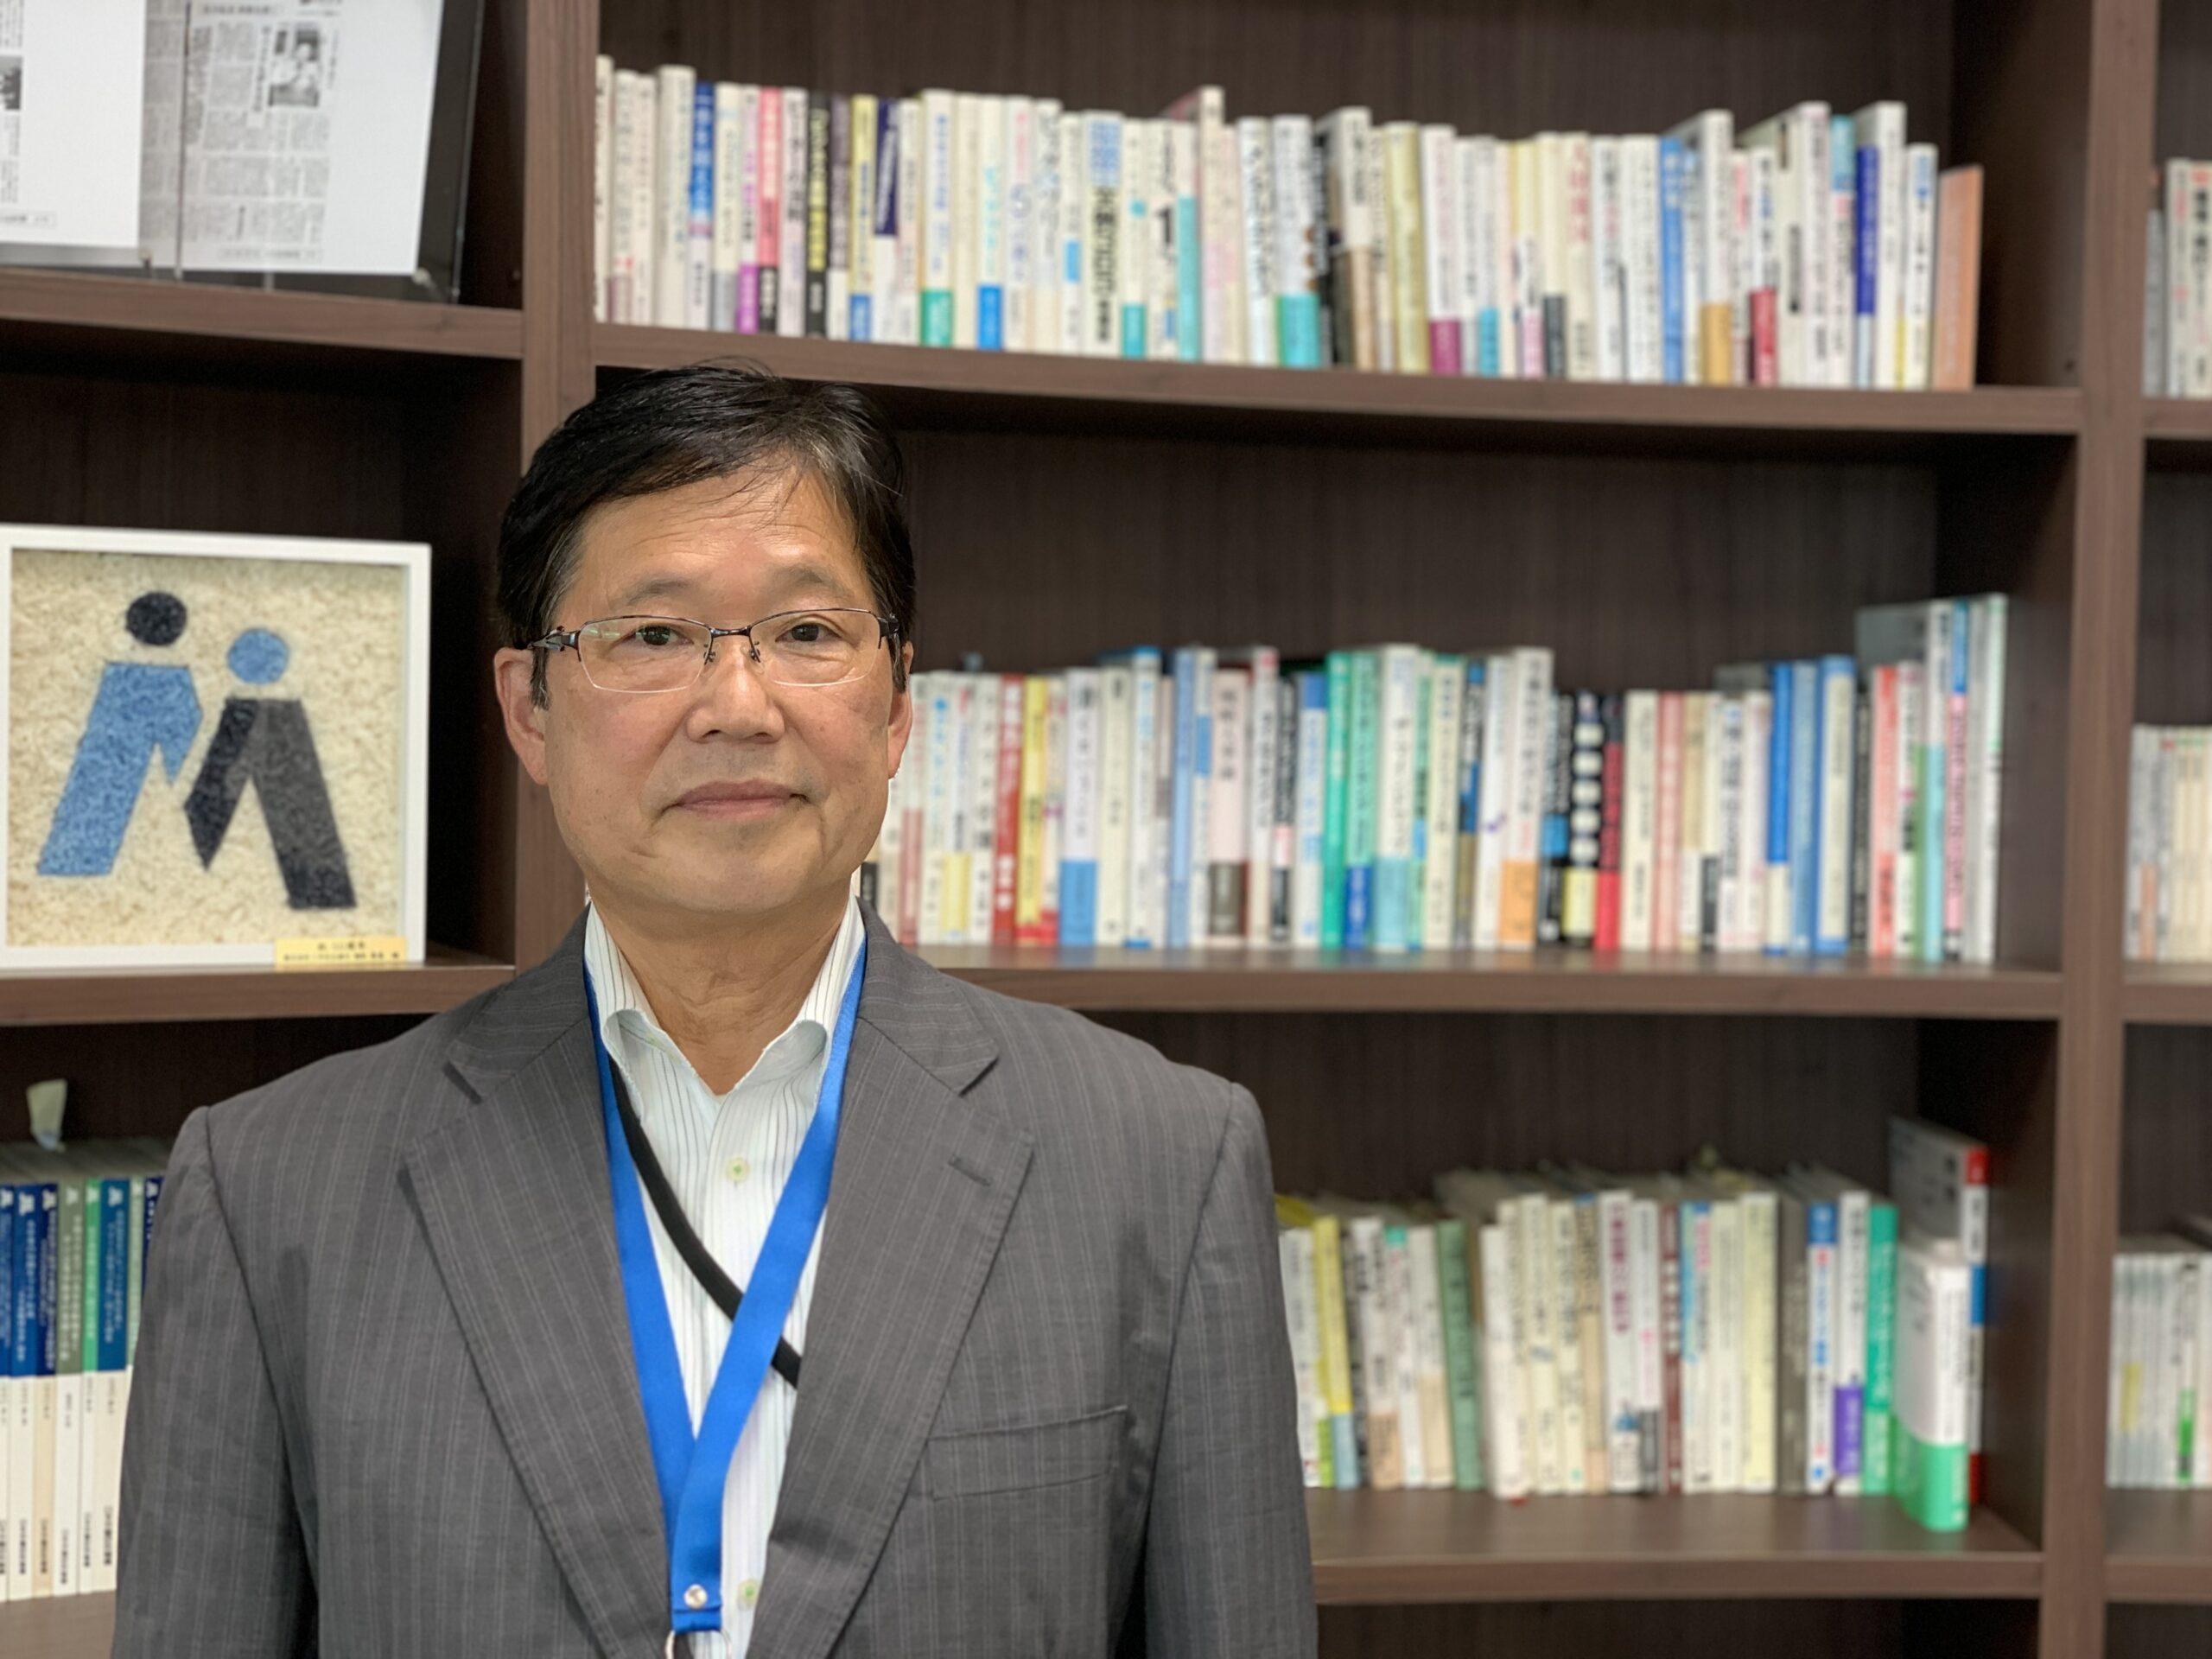 日本マンパワー新藤啓二「新たなことに挑戦の日々。生涯現役で次世代への道しるべを創る」